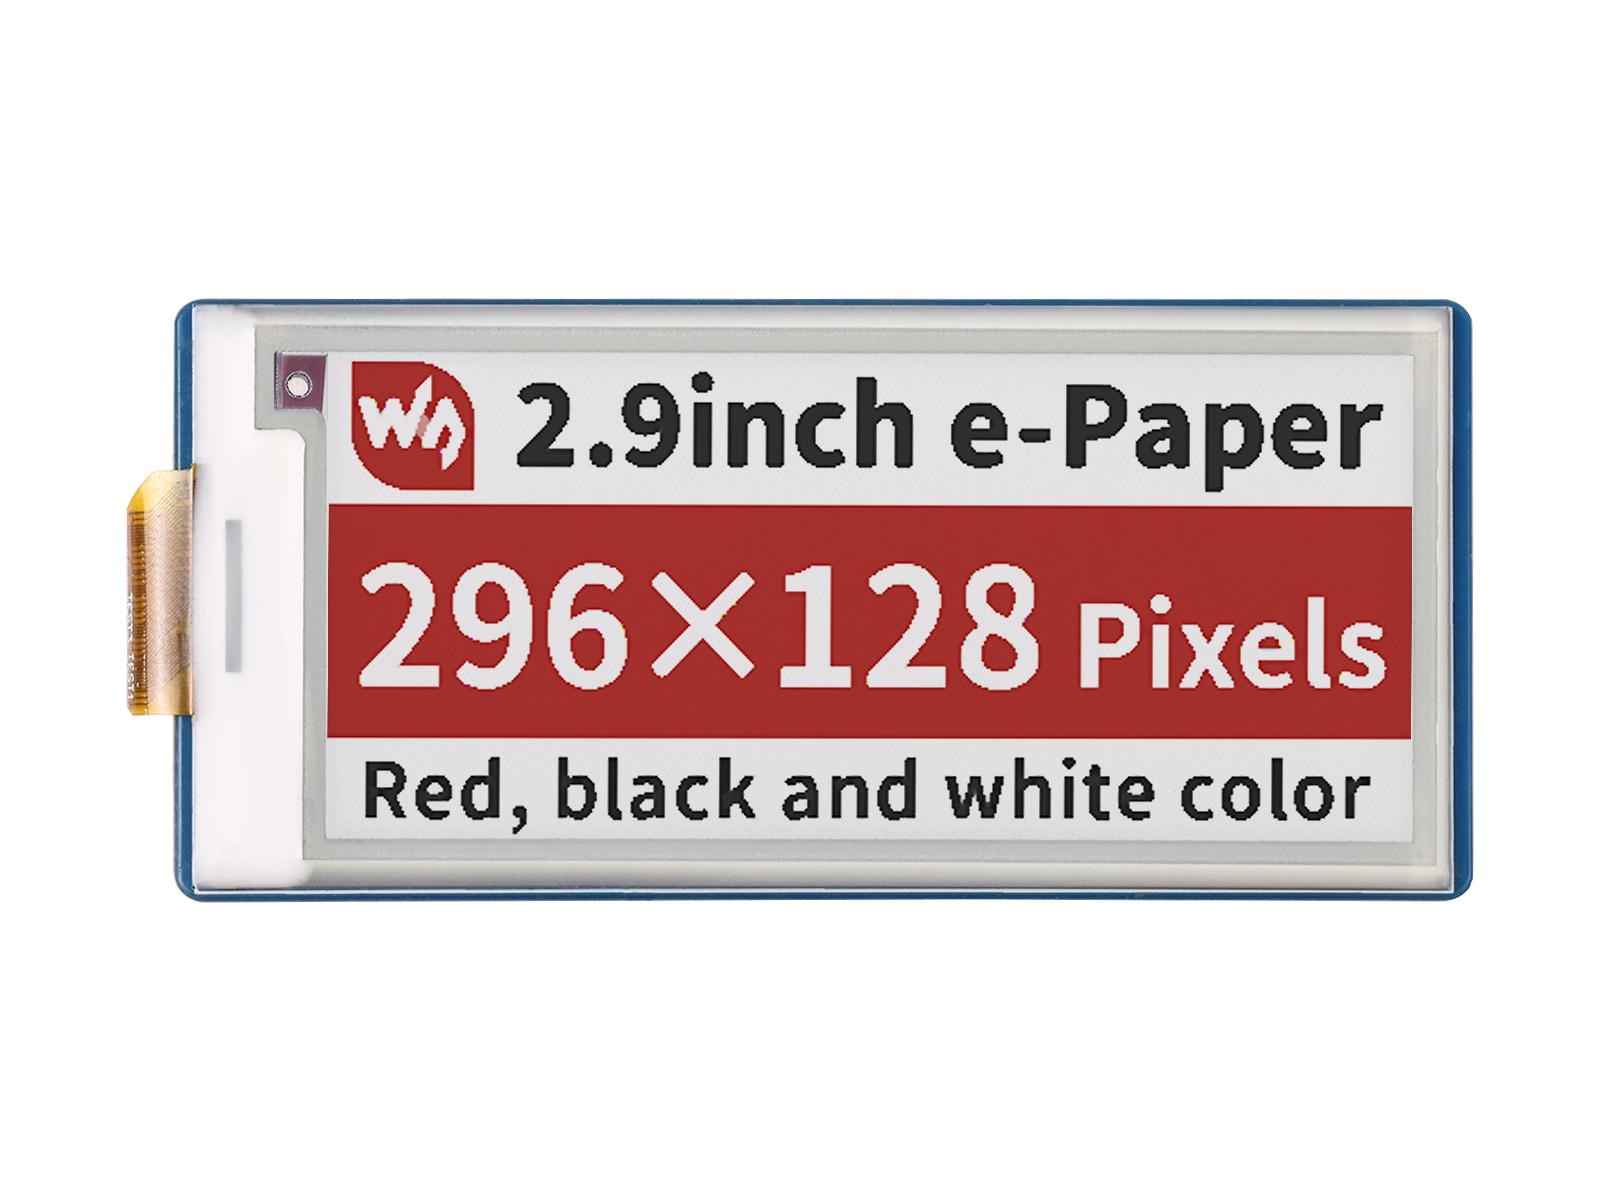 2.9寸Pico电子墨水屏扩展板B型 e-paper 296×128分辨率 SPI通信